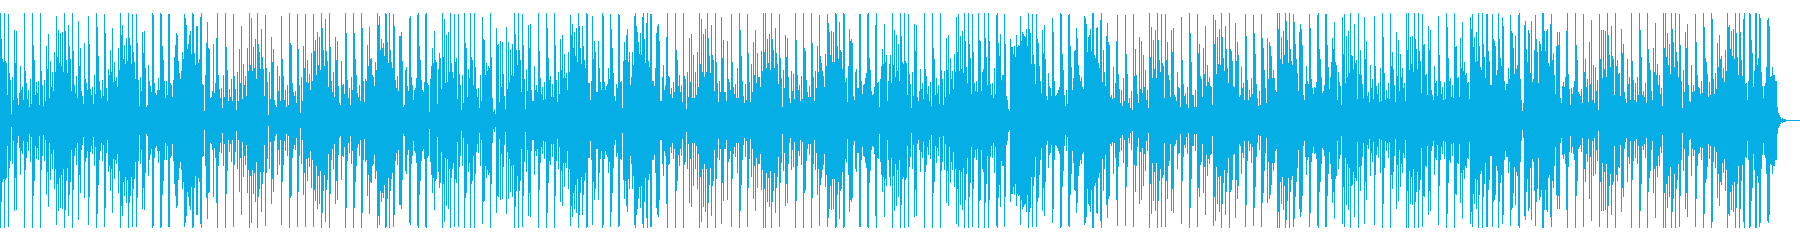 ループ仕様・ファンキーなギター&ベースの再生済みの波形